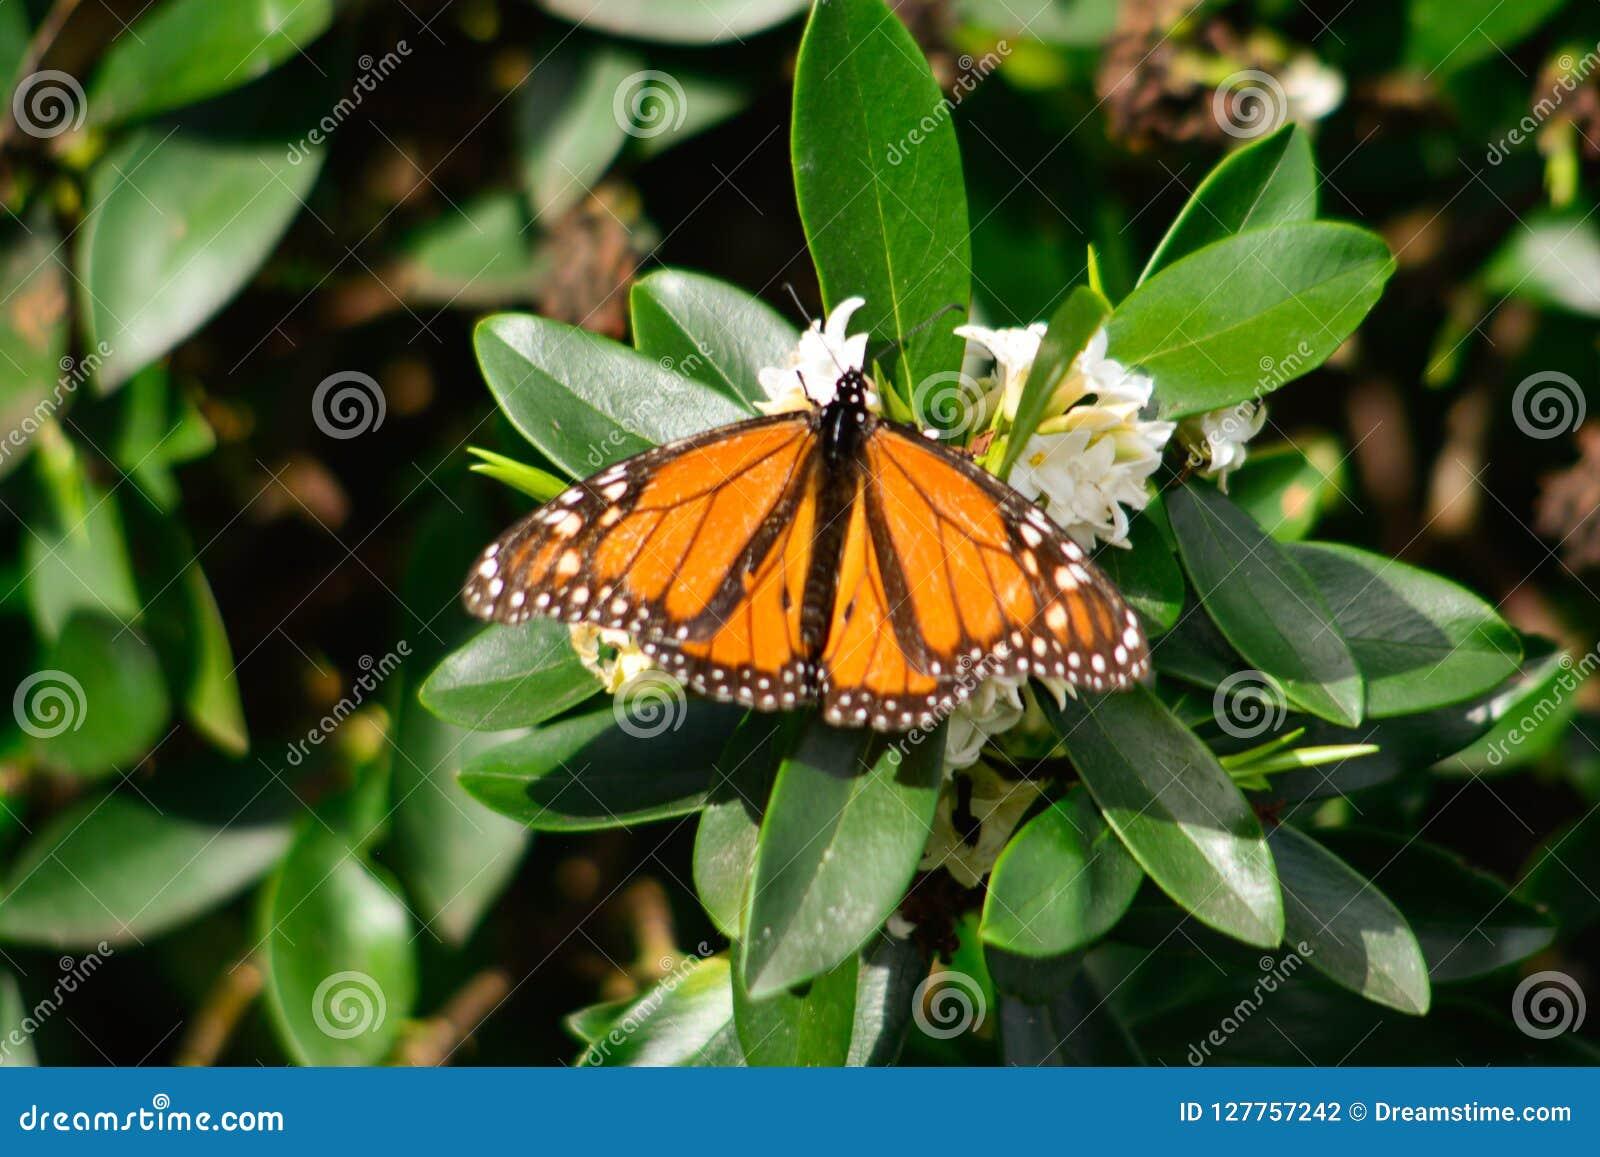 Ny monark för säsongfjärils` som s låter mig ta bilder